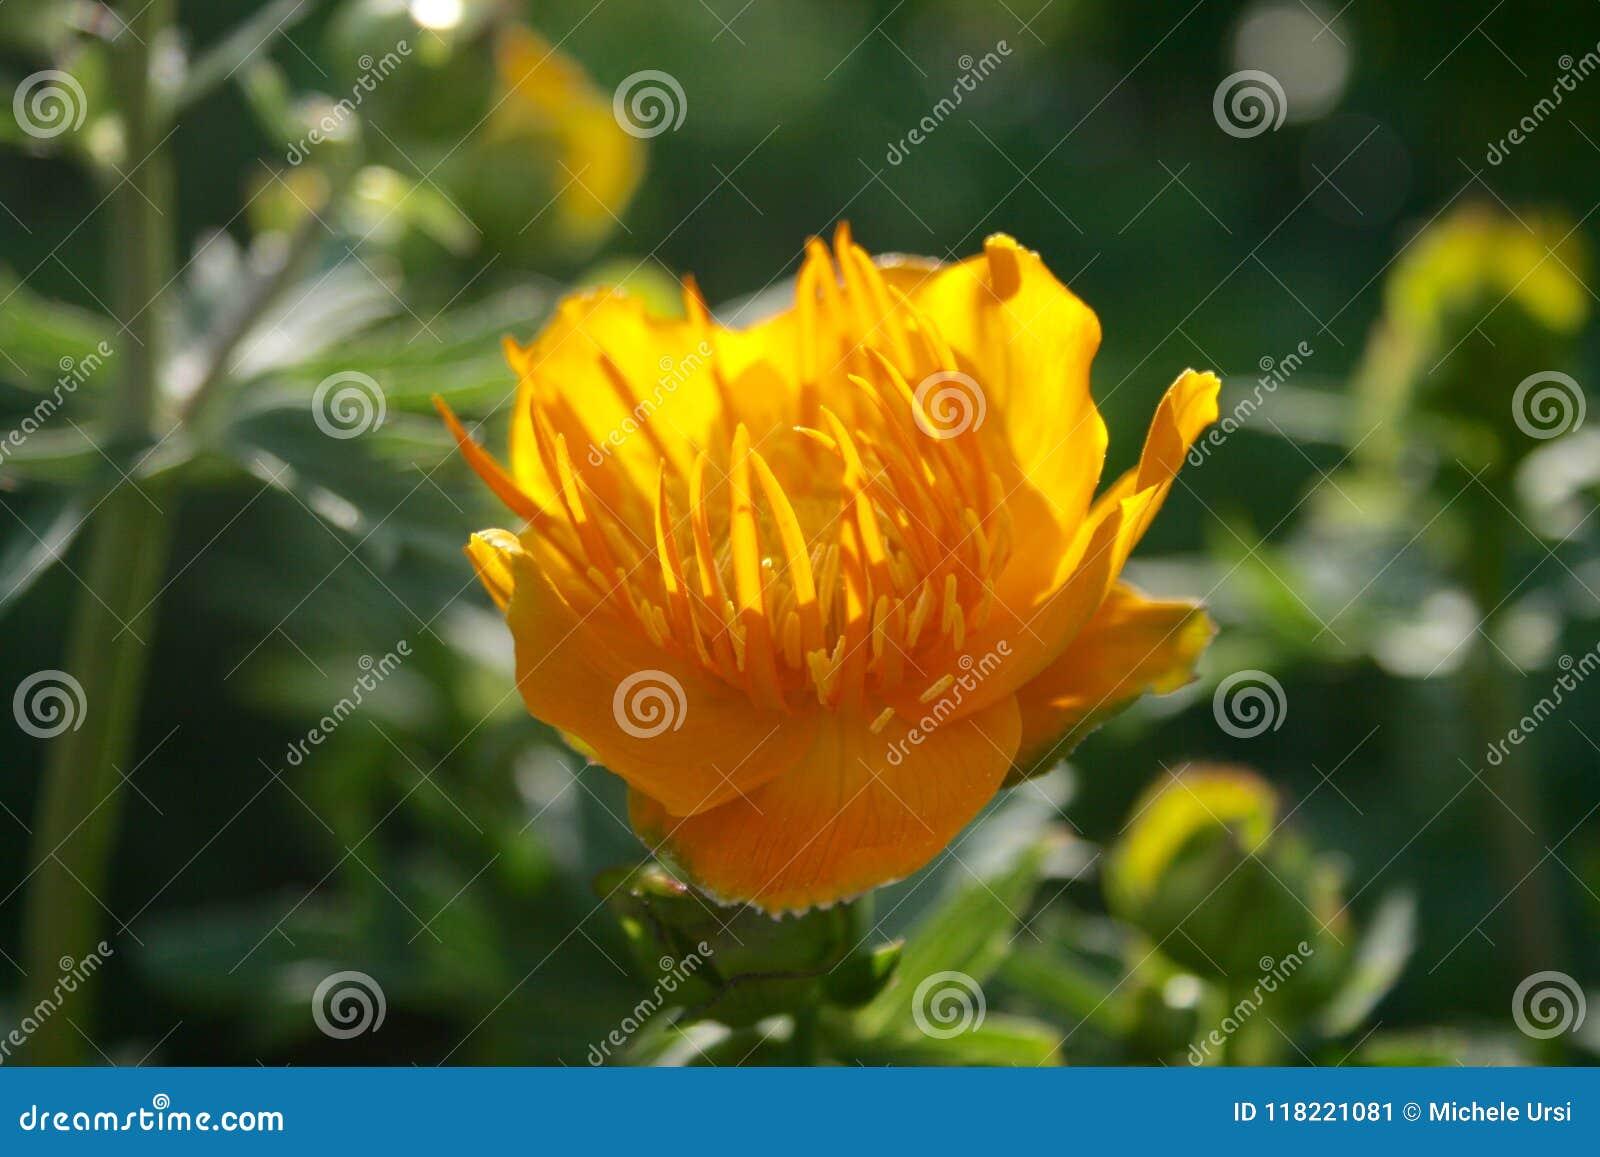 Schöner Trollius chinensis, goldene Königin, Kugelblume